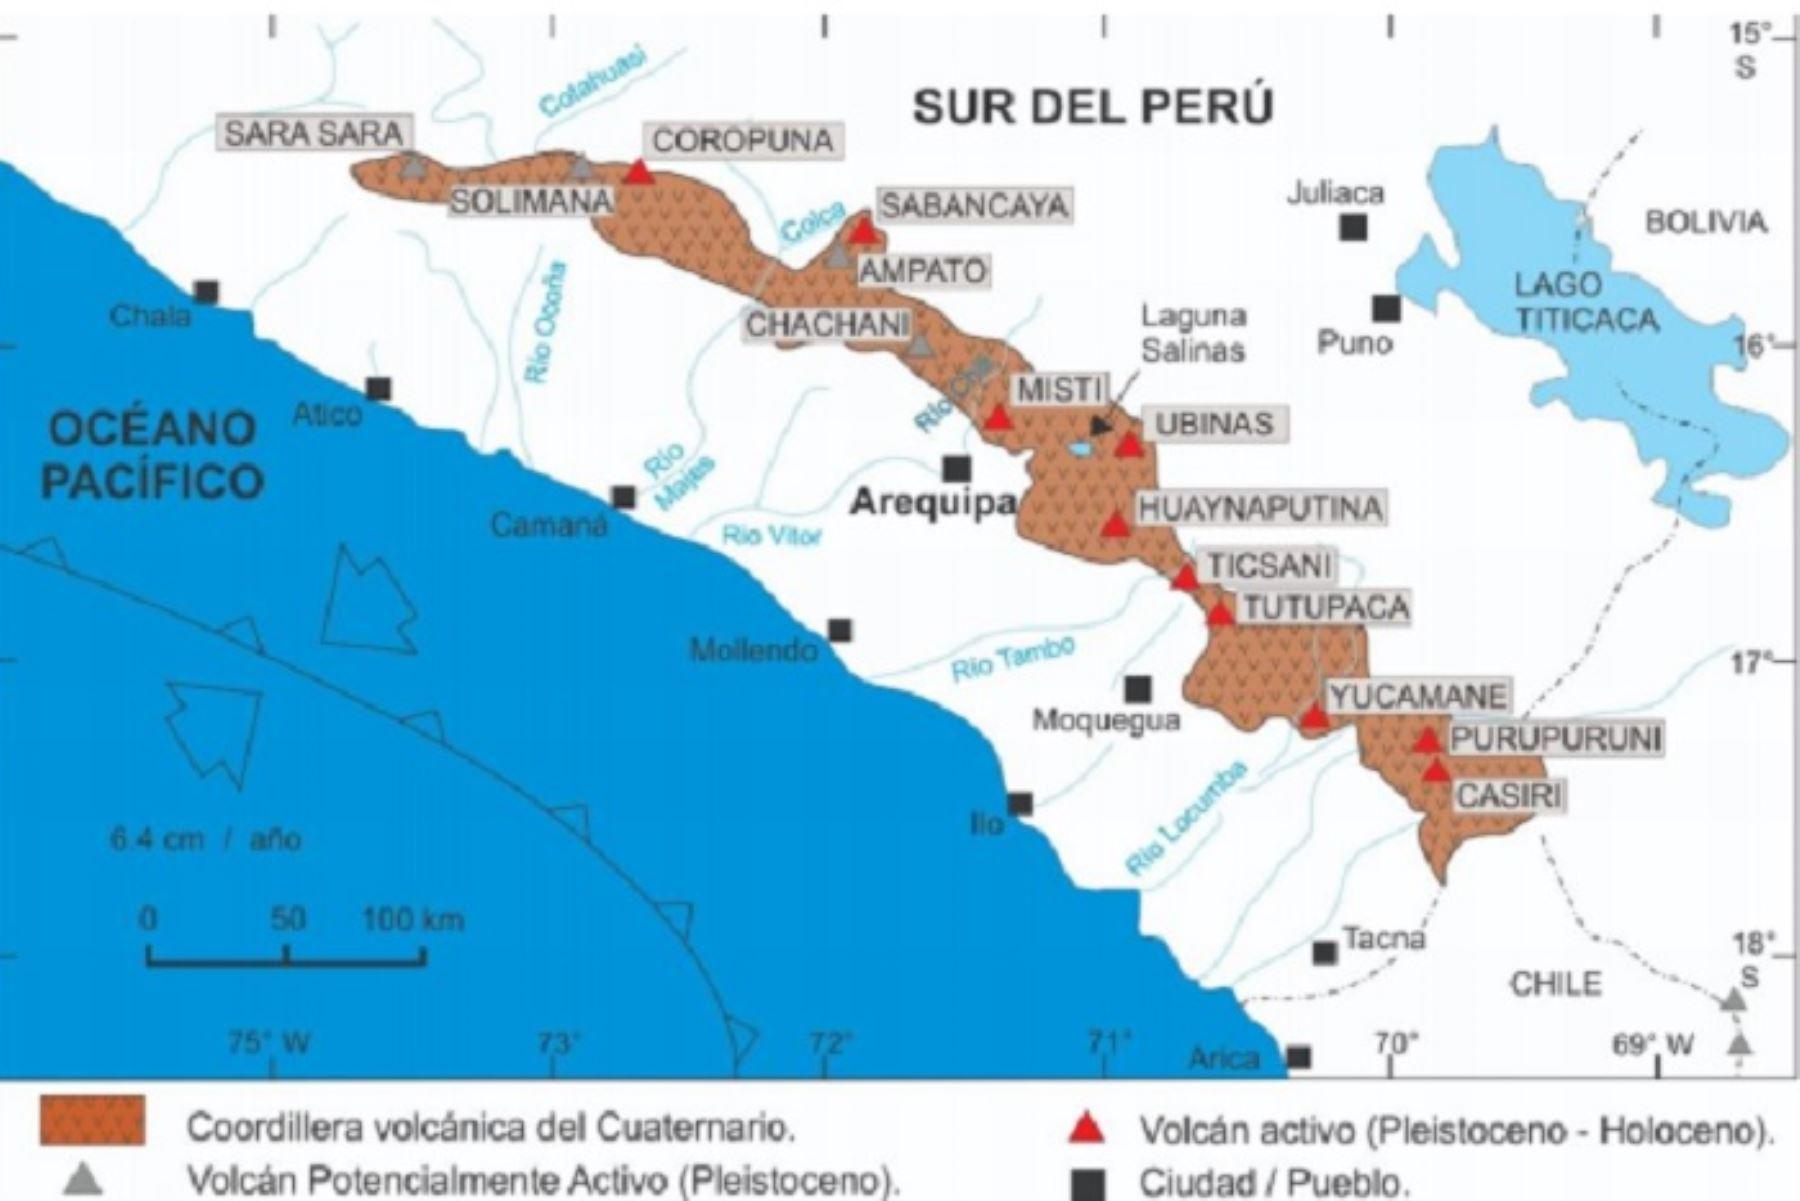 Ingemmet Hay Diez Volcanes Activos En El Peru Video Noticias Agencia Peruana De Noticias Andina